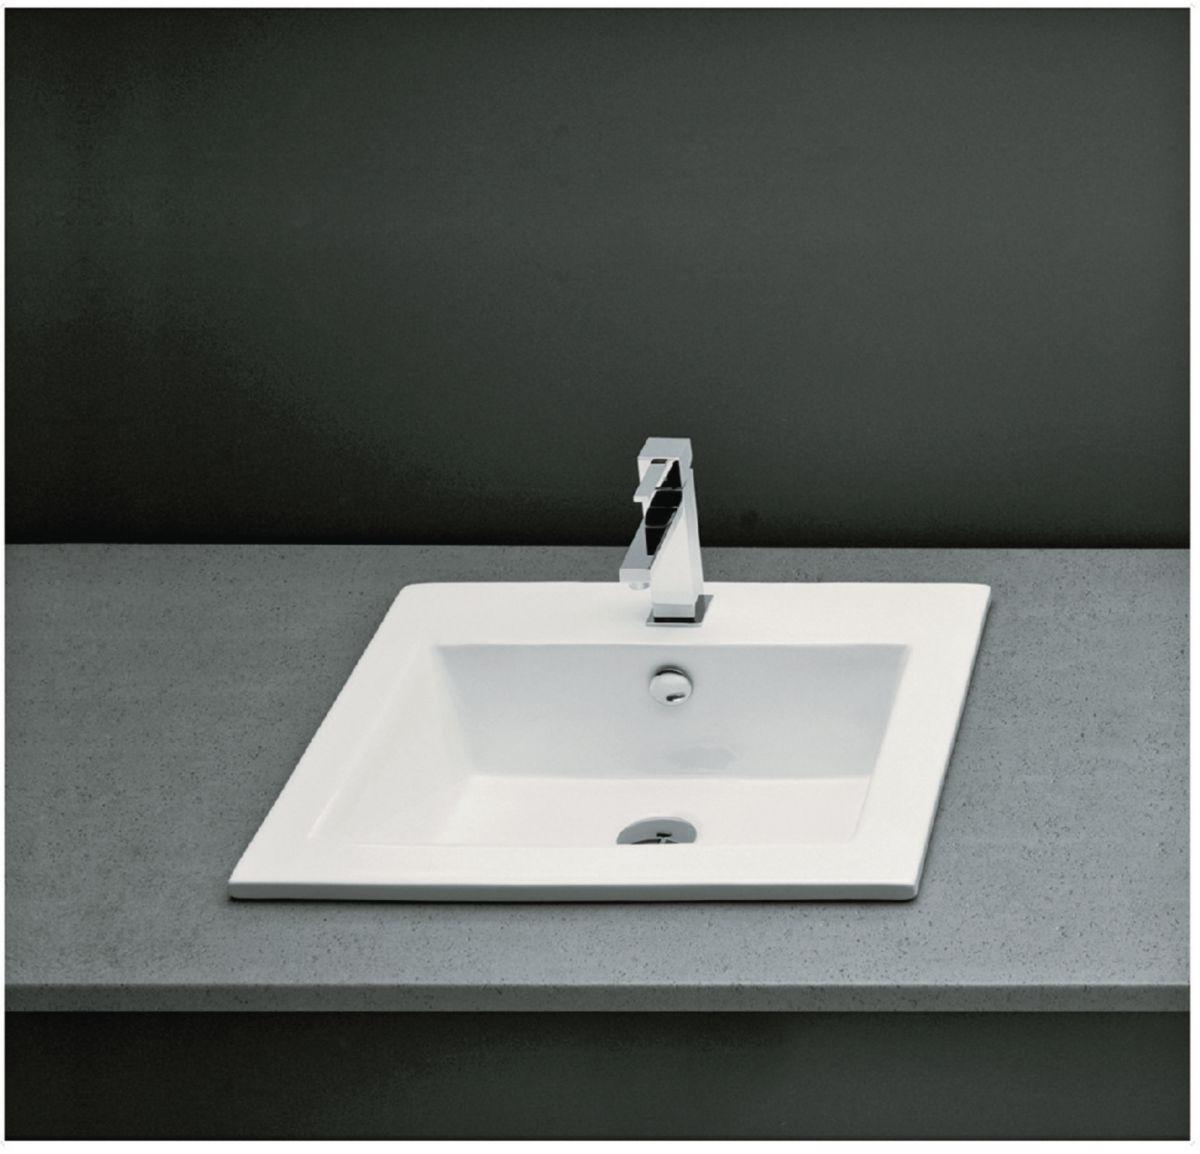 vasque a encastrer rectangulaire ... Vasque à encastrer rectangulaire avec trop plein MANTERA 50 x 43 cm  Céramique blanc ...